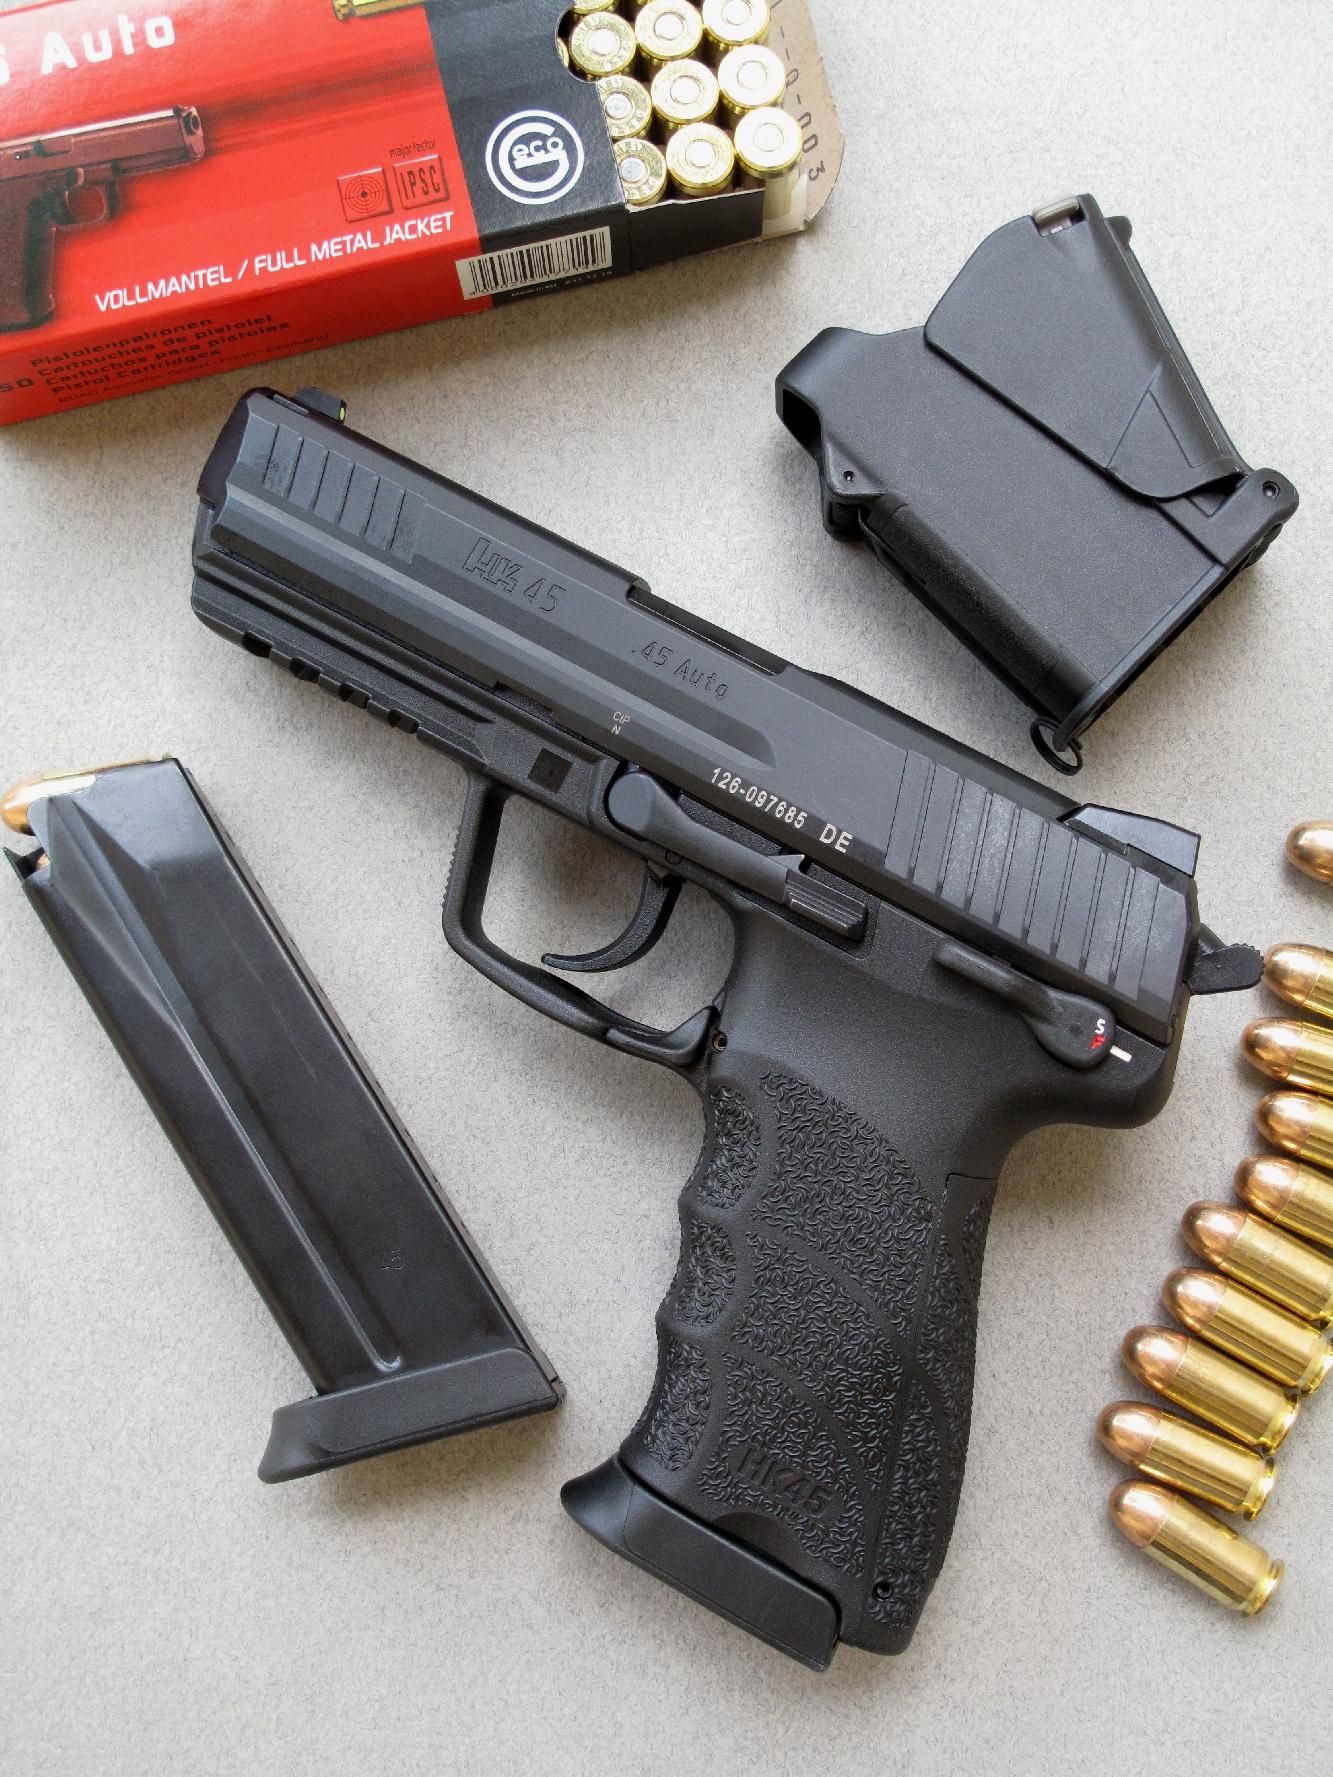 Le pistolet HK 45, accompagné par son chargeur de secours, une boîte de munitions manufacturées par la firme allemande Geco et l'outil d'aide au chargement universel UpLULA commercialisé par firme israélienne Maglula.